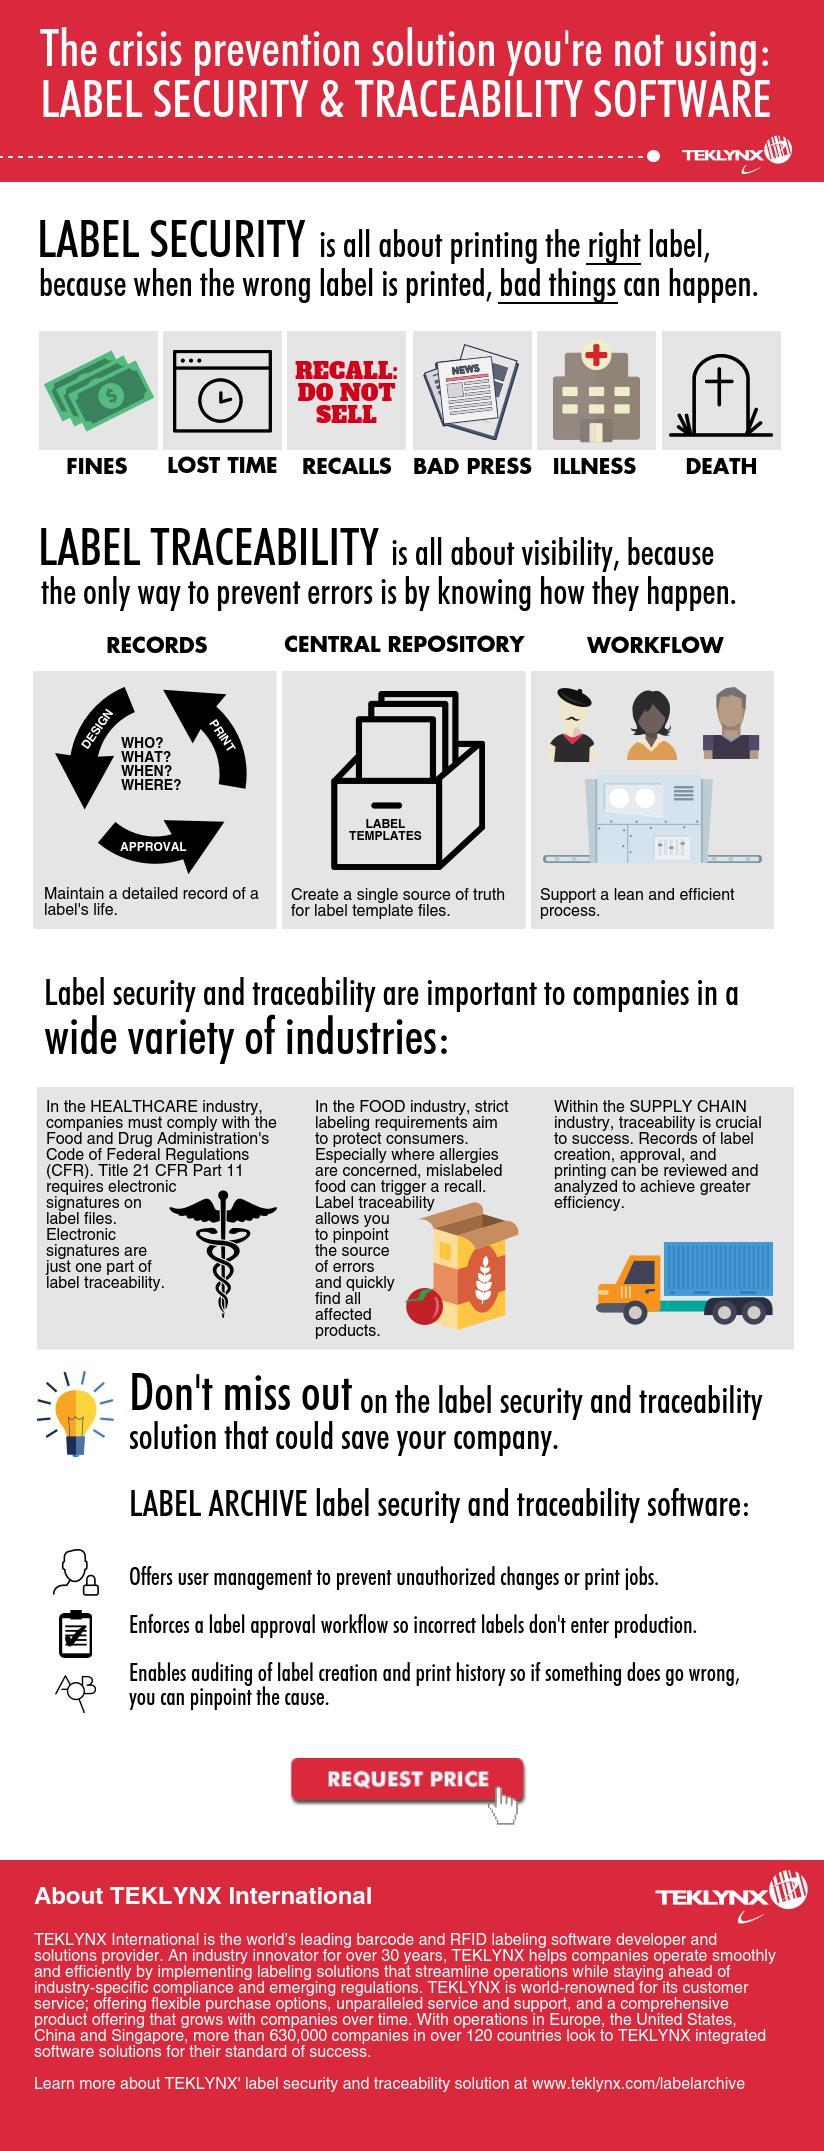 Bilgi grafiği: Etiket Güvenliği ve İzlenebilirliği